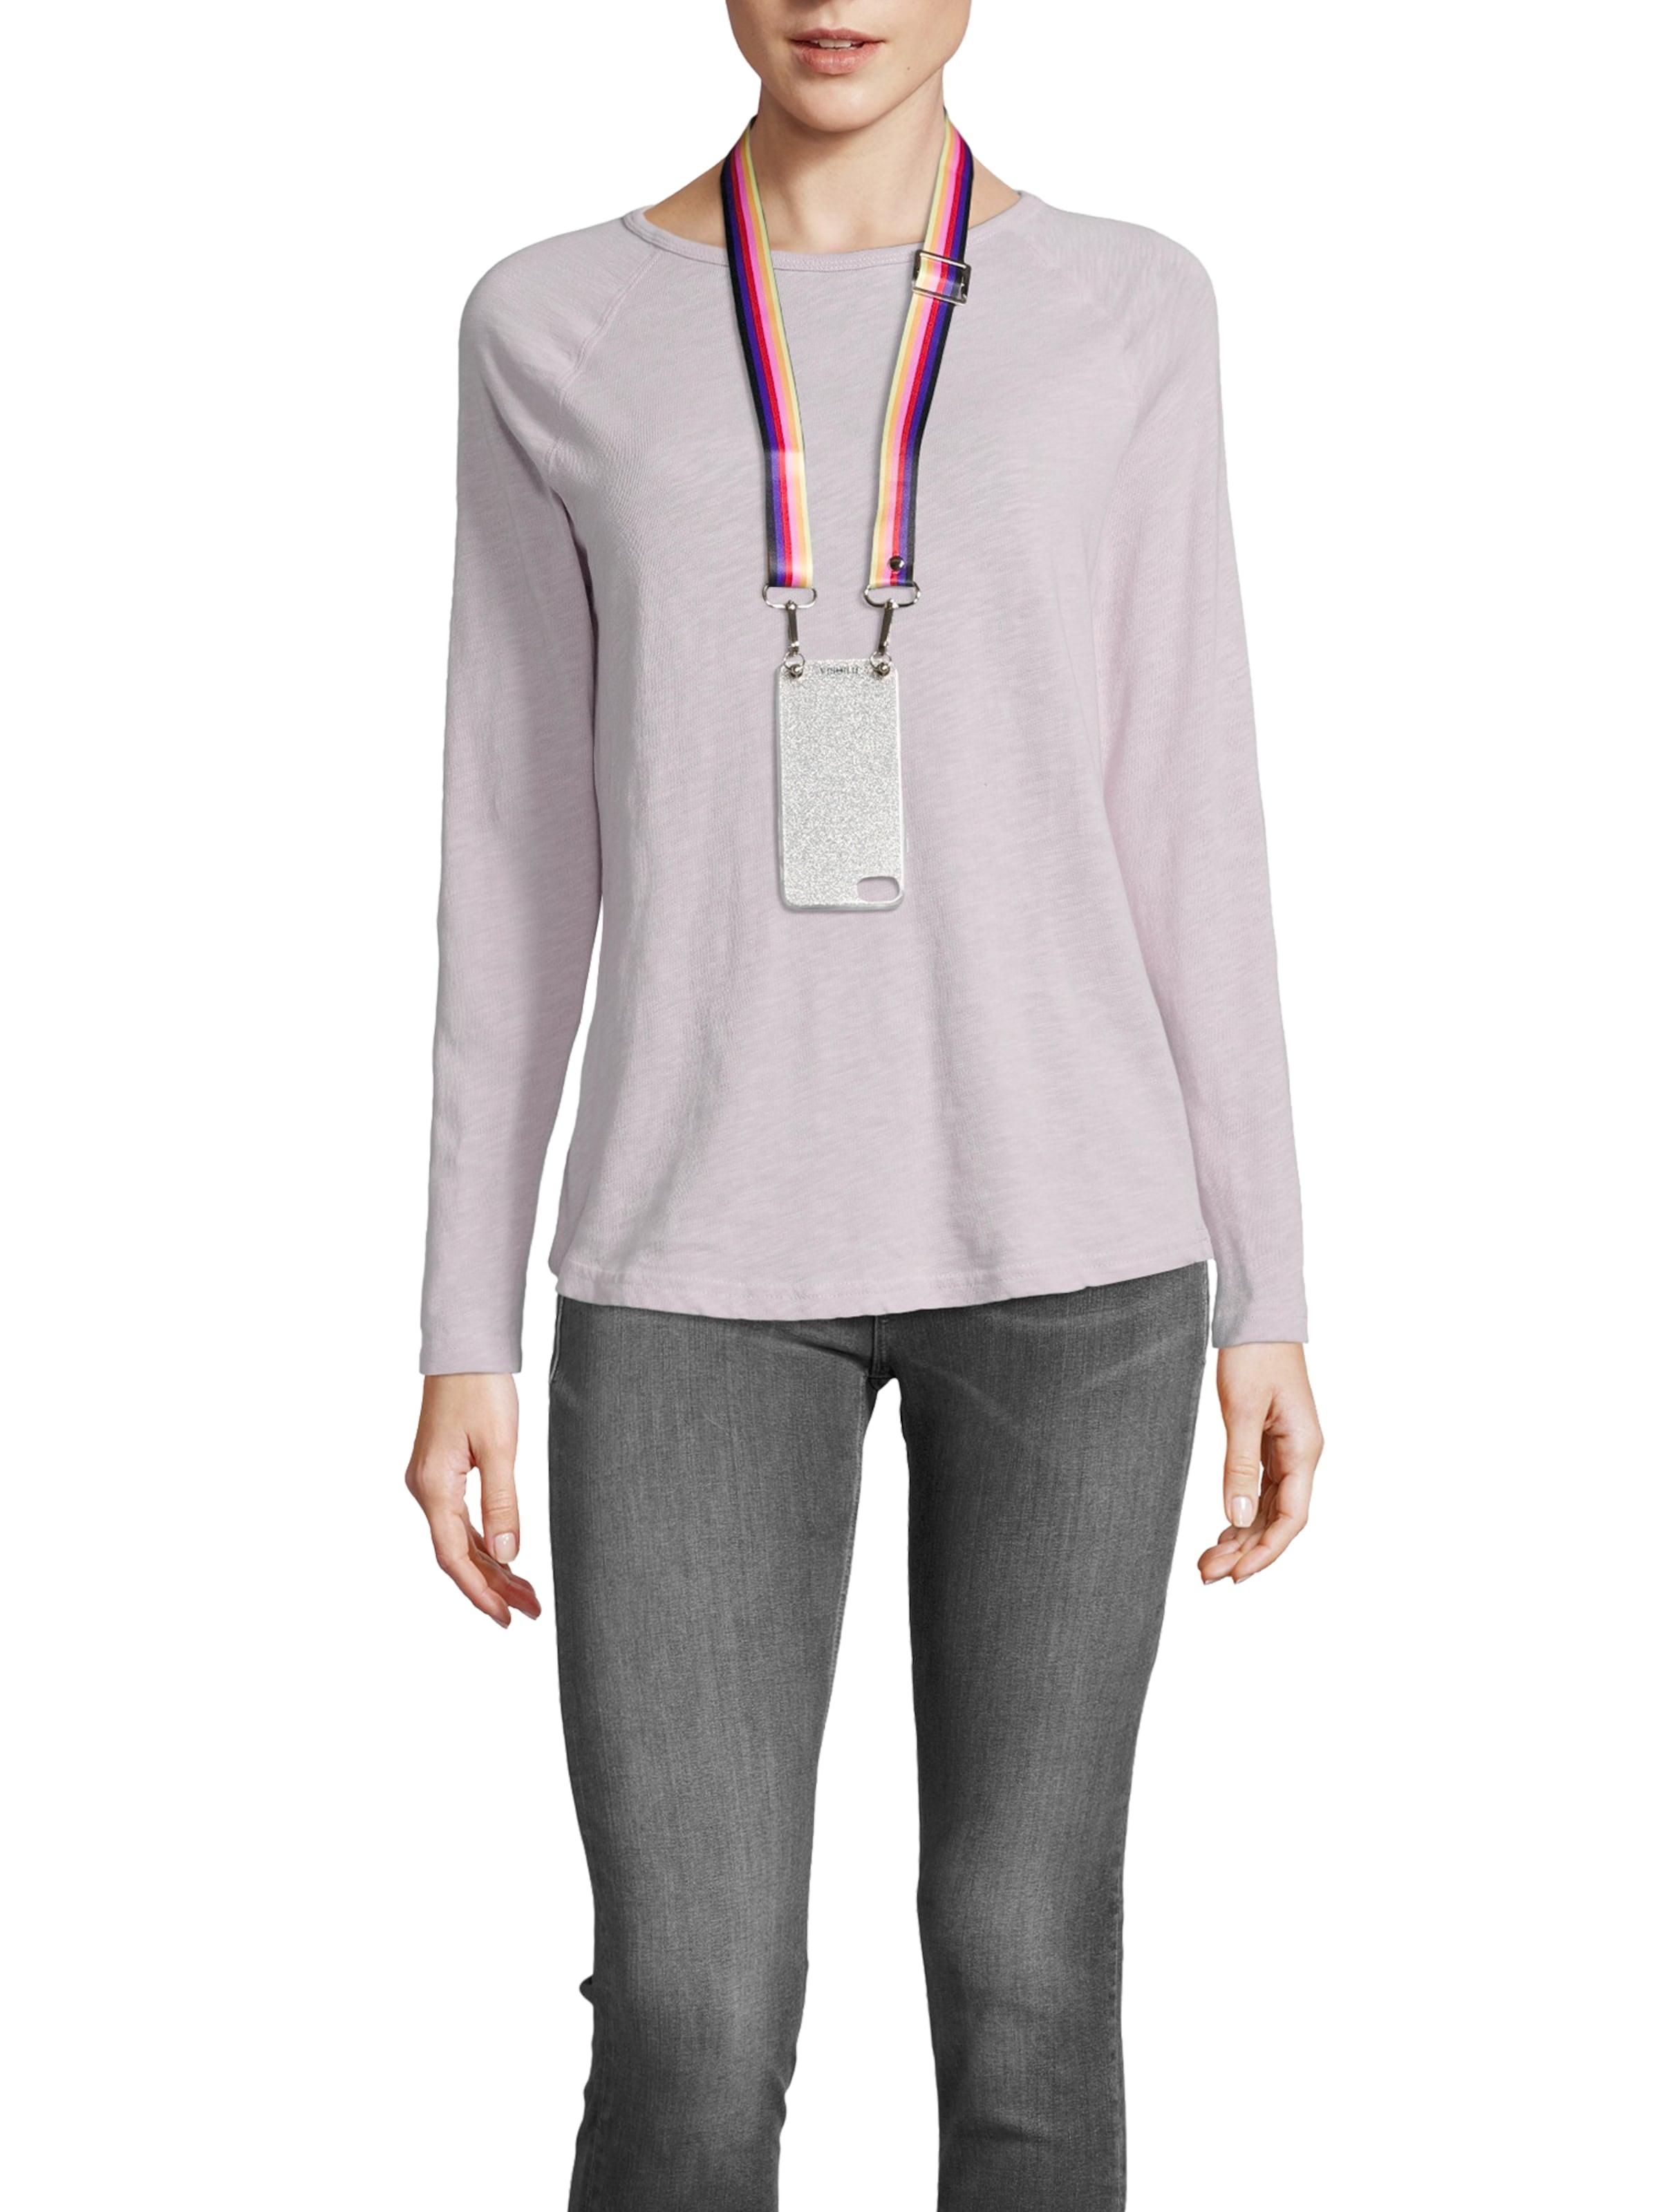 Strap' With En Iphoria Case Smartphone Mélange Protection De 'necklace Couleurs Pour 7ygIfYb6v